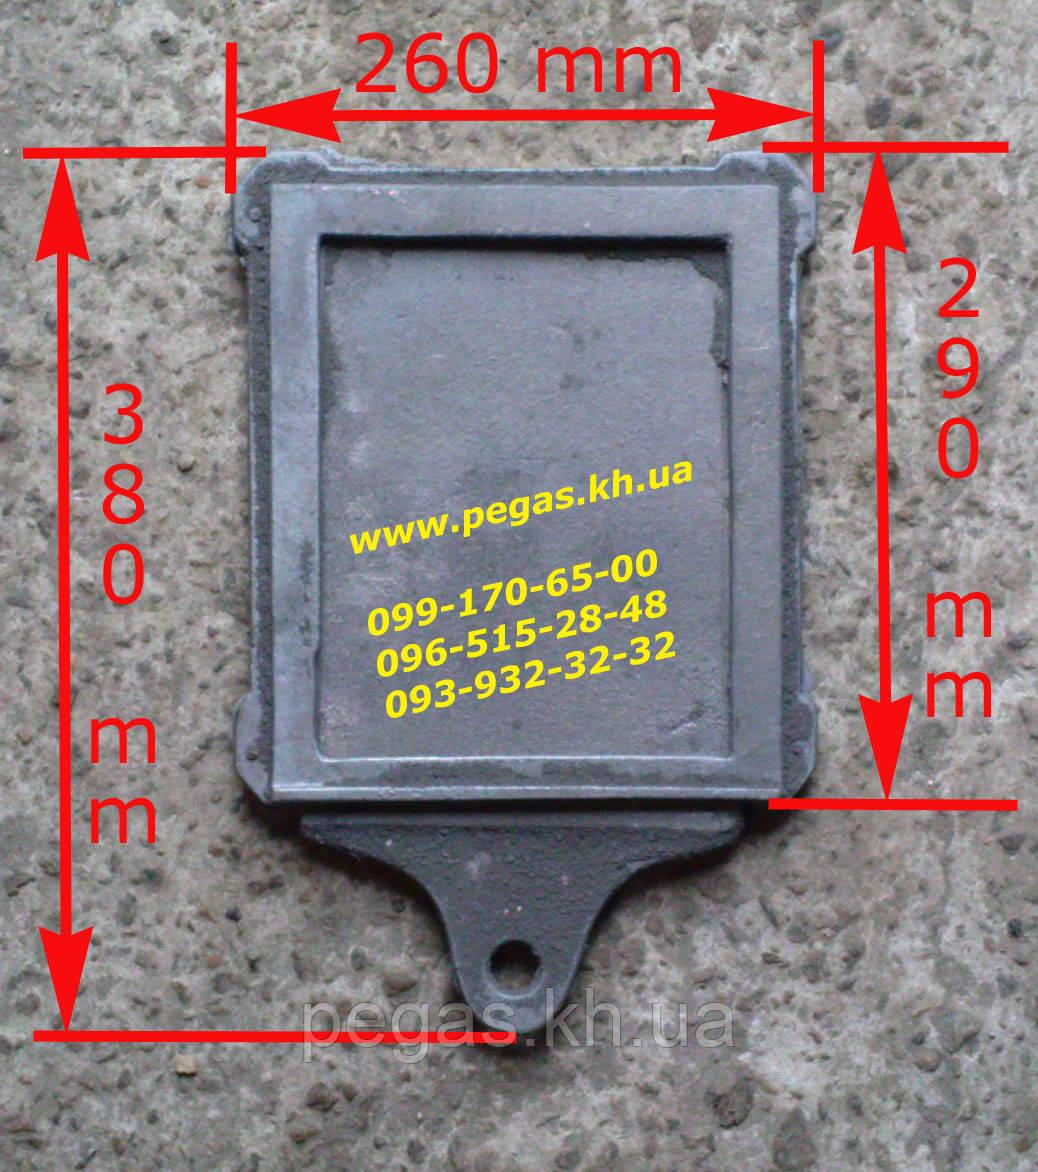 Засувка пічна чавунна велика (260х290 мм) заслінка, шубер, димар